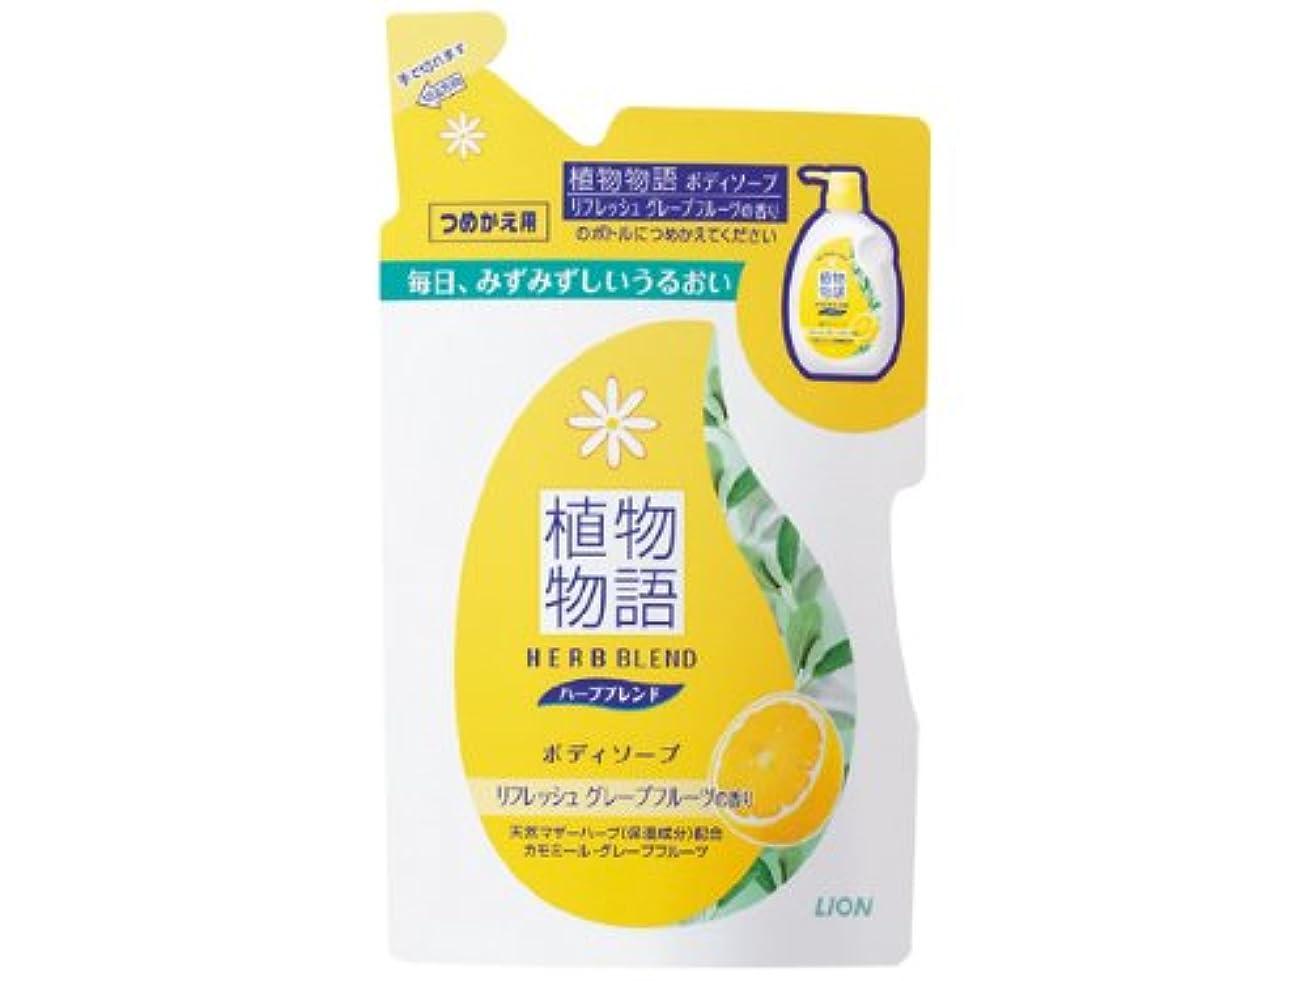 蒸し器気をつけてムスタチオ植物物語 ハーブブレンド ボディソープ リフレッシュグレープフルーツの香り つめかえ用 420ml